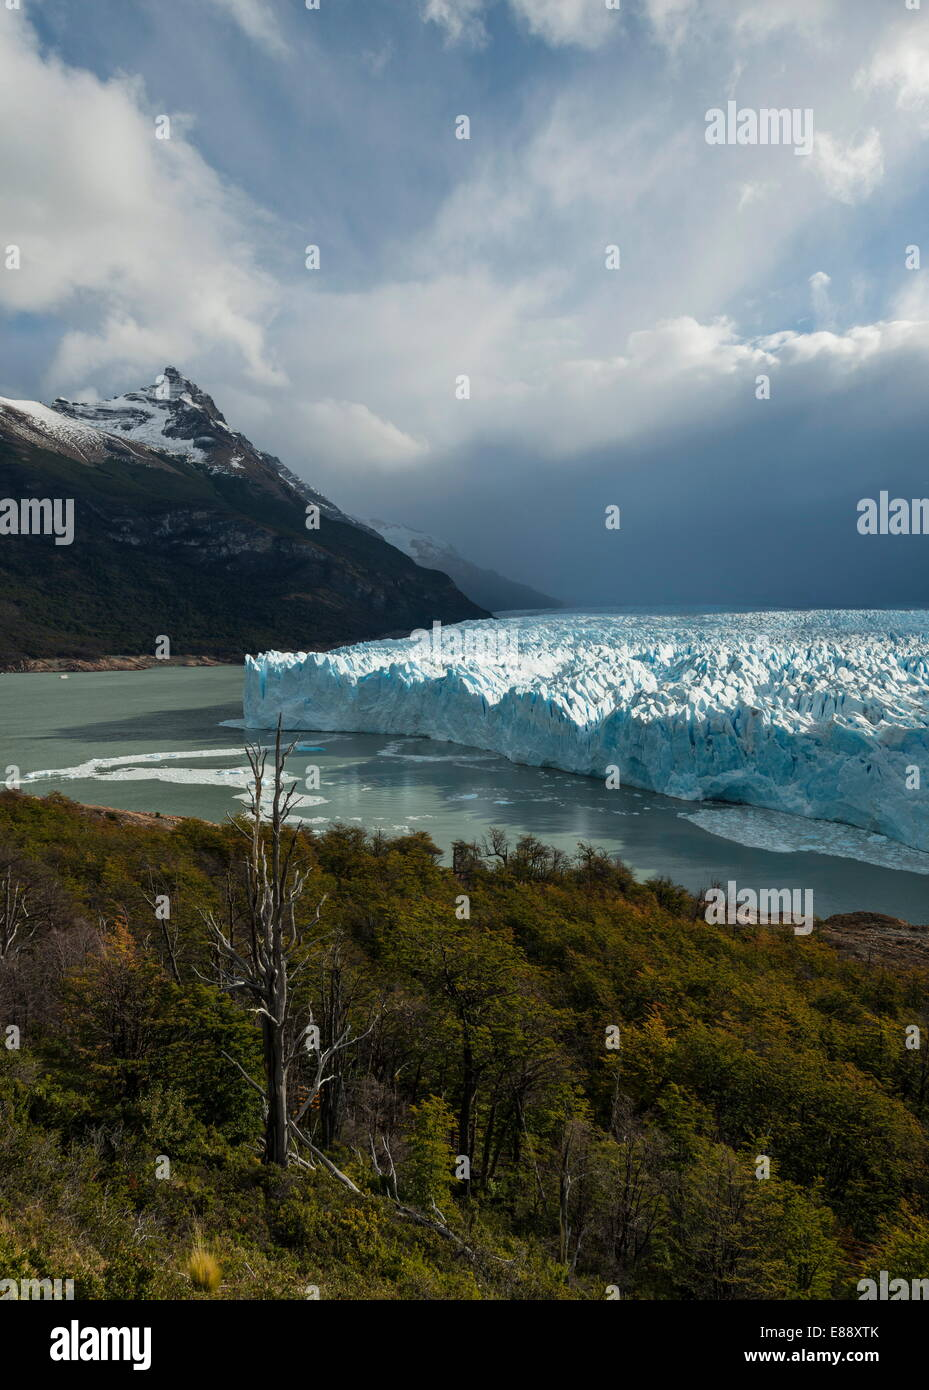 La lumière de l'après-midi sur le glacier Perito Moreno, le Parc National Los Glaciares, Site de l'UNESCO, Photo Stock